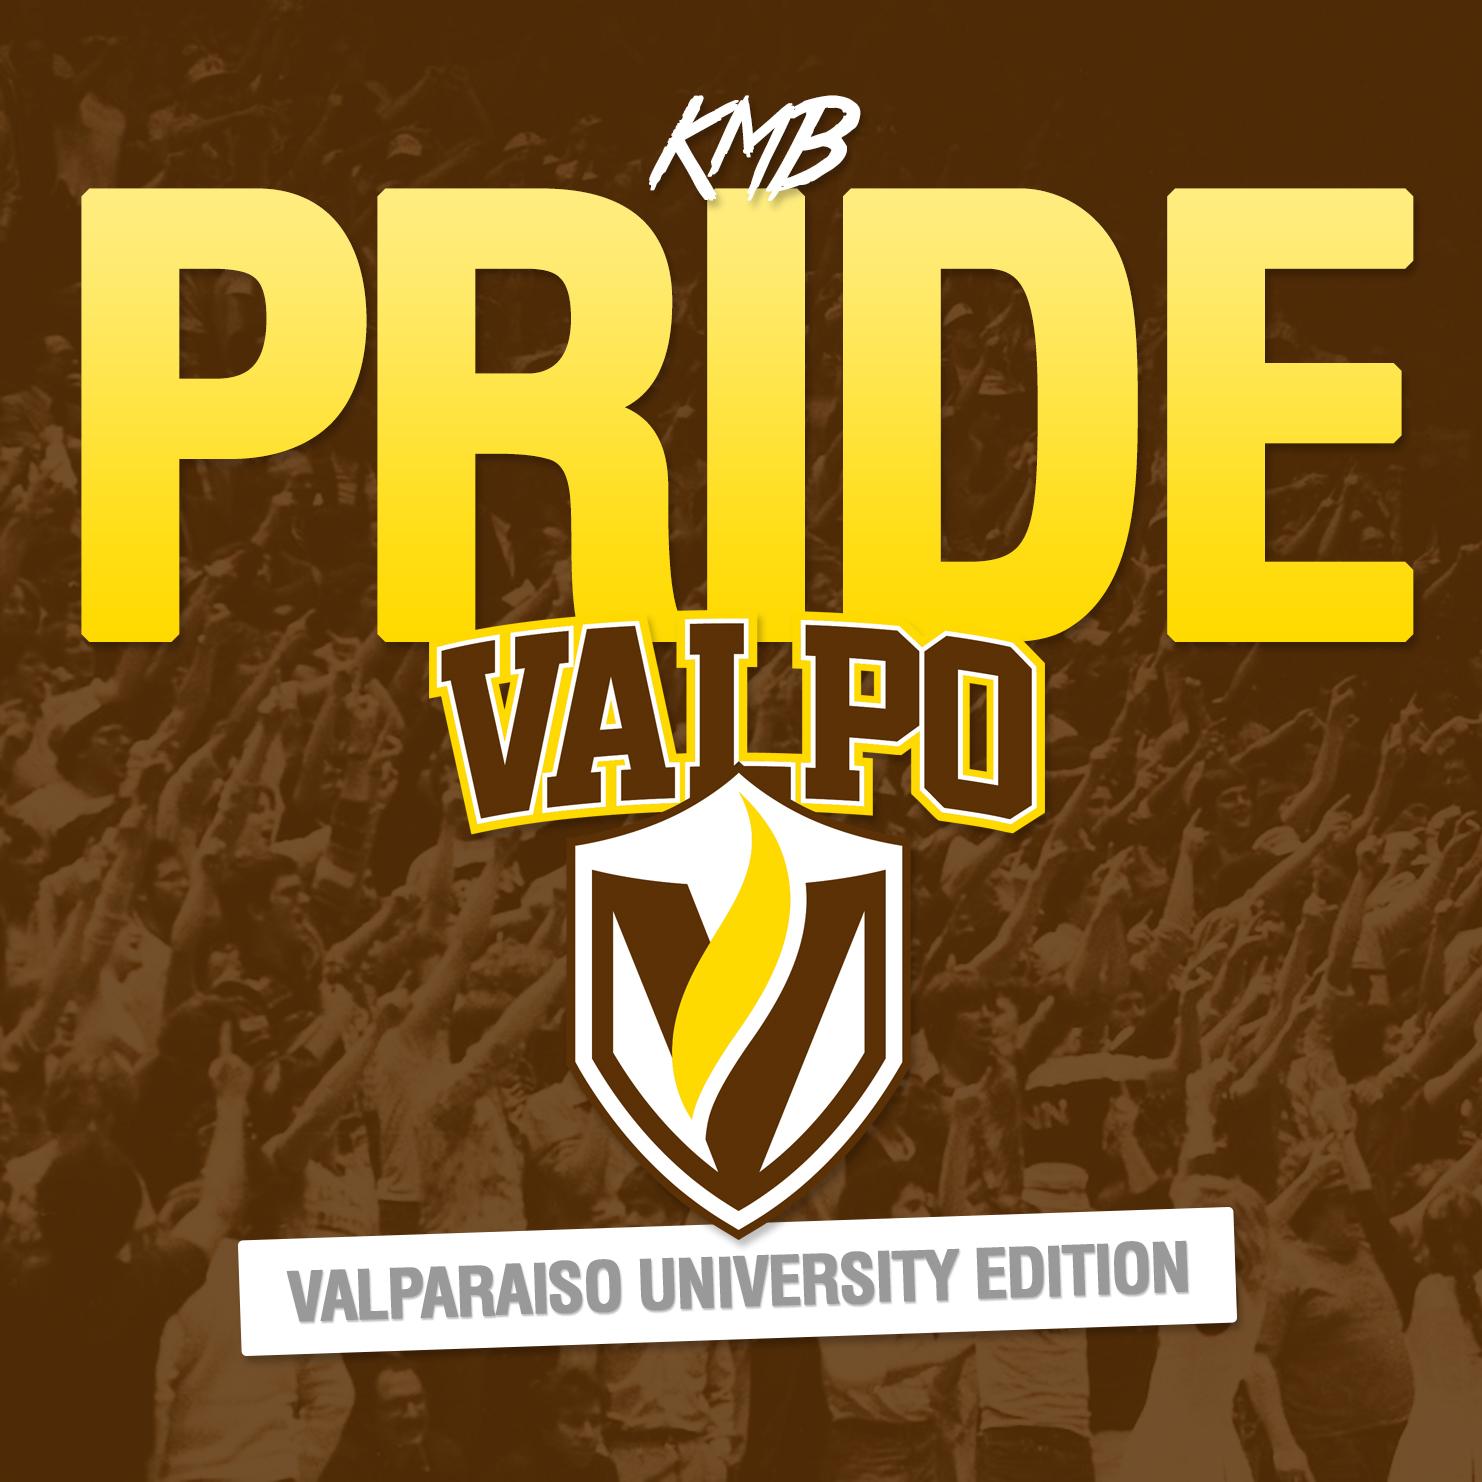 Pride (Valpo Edition)